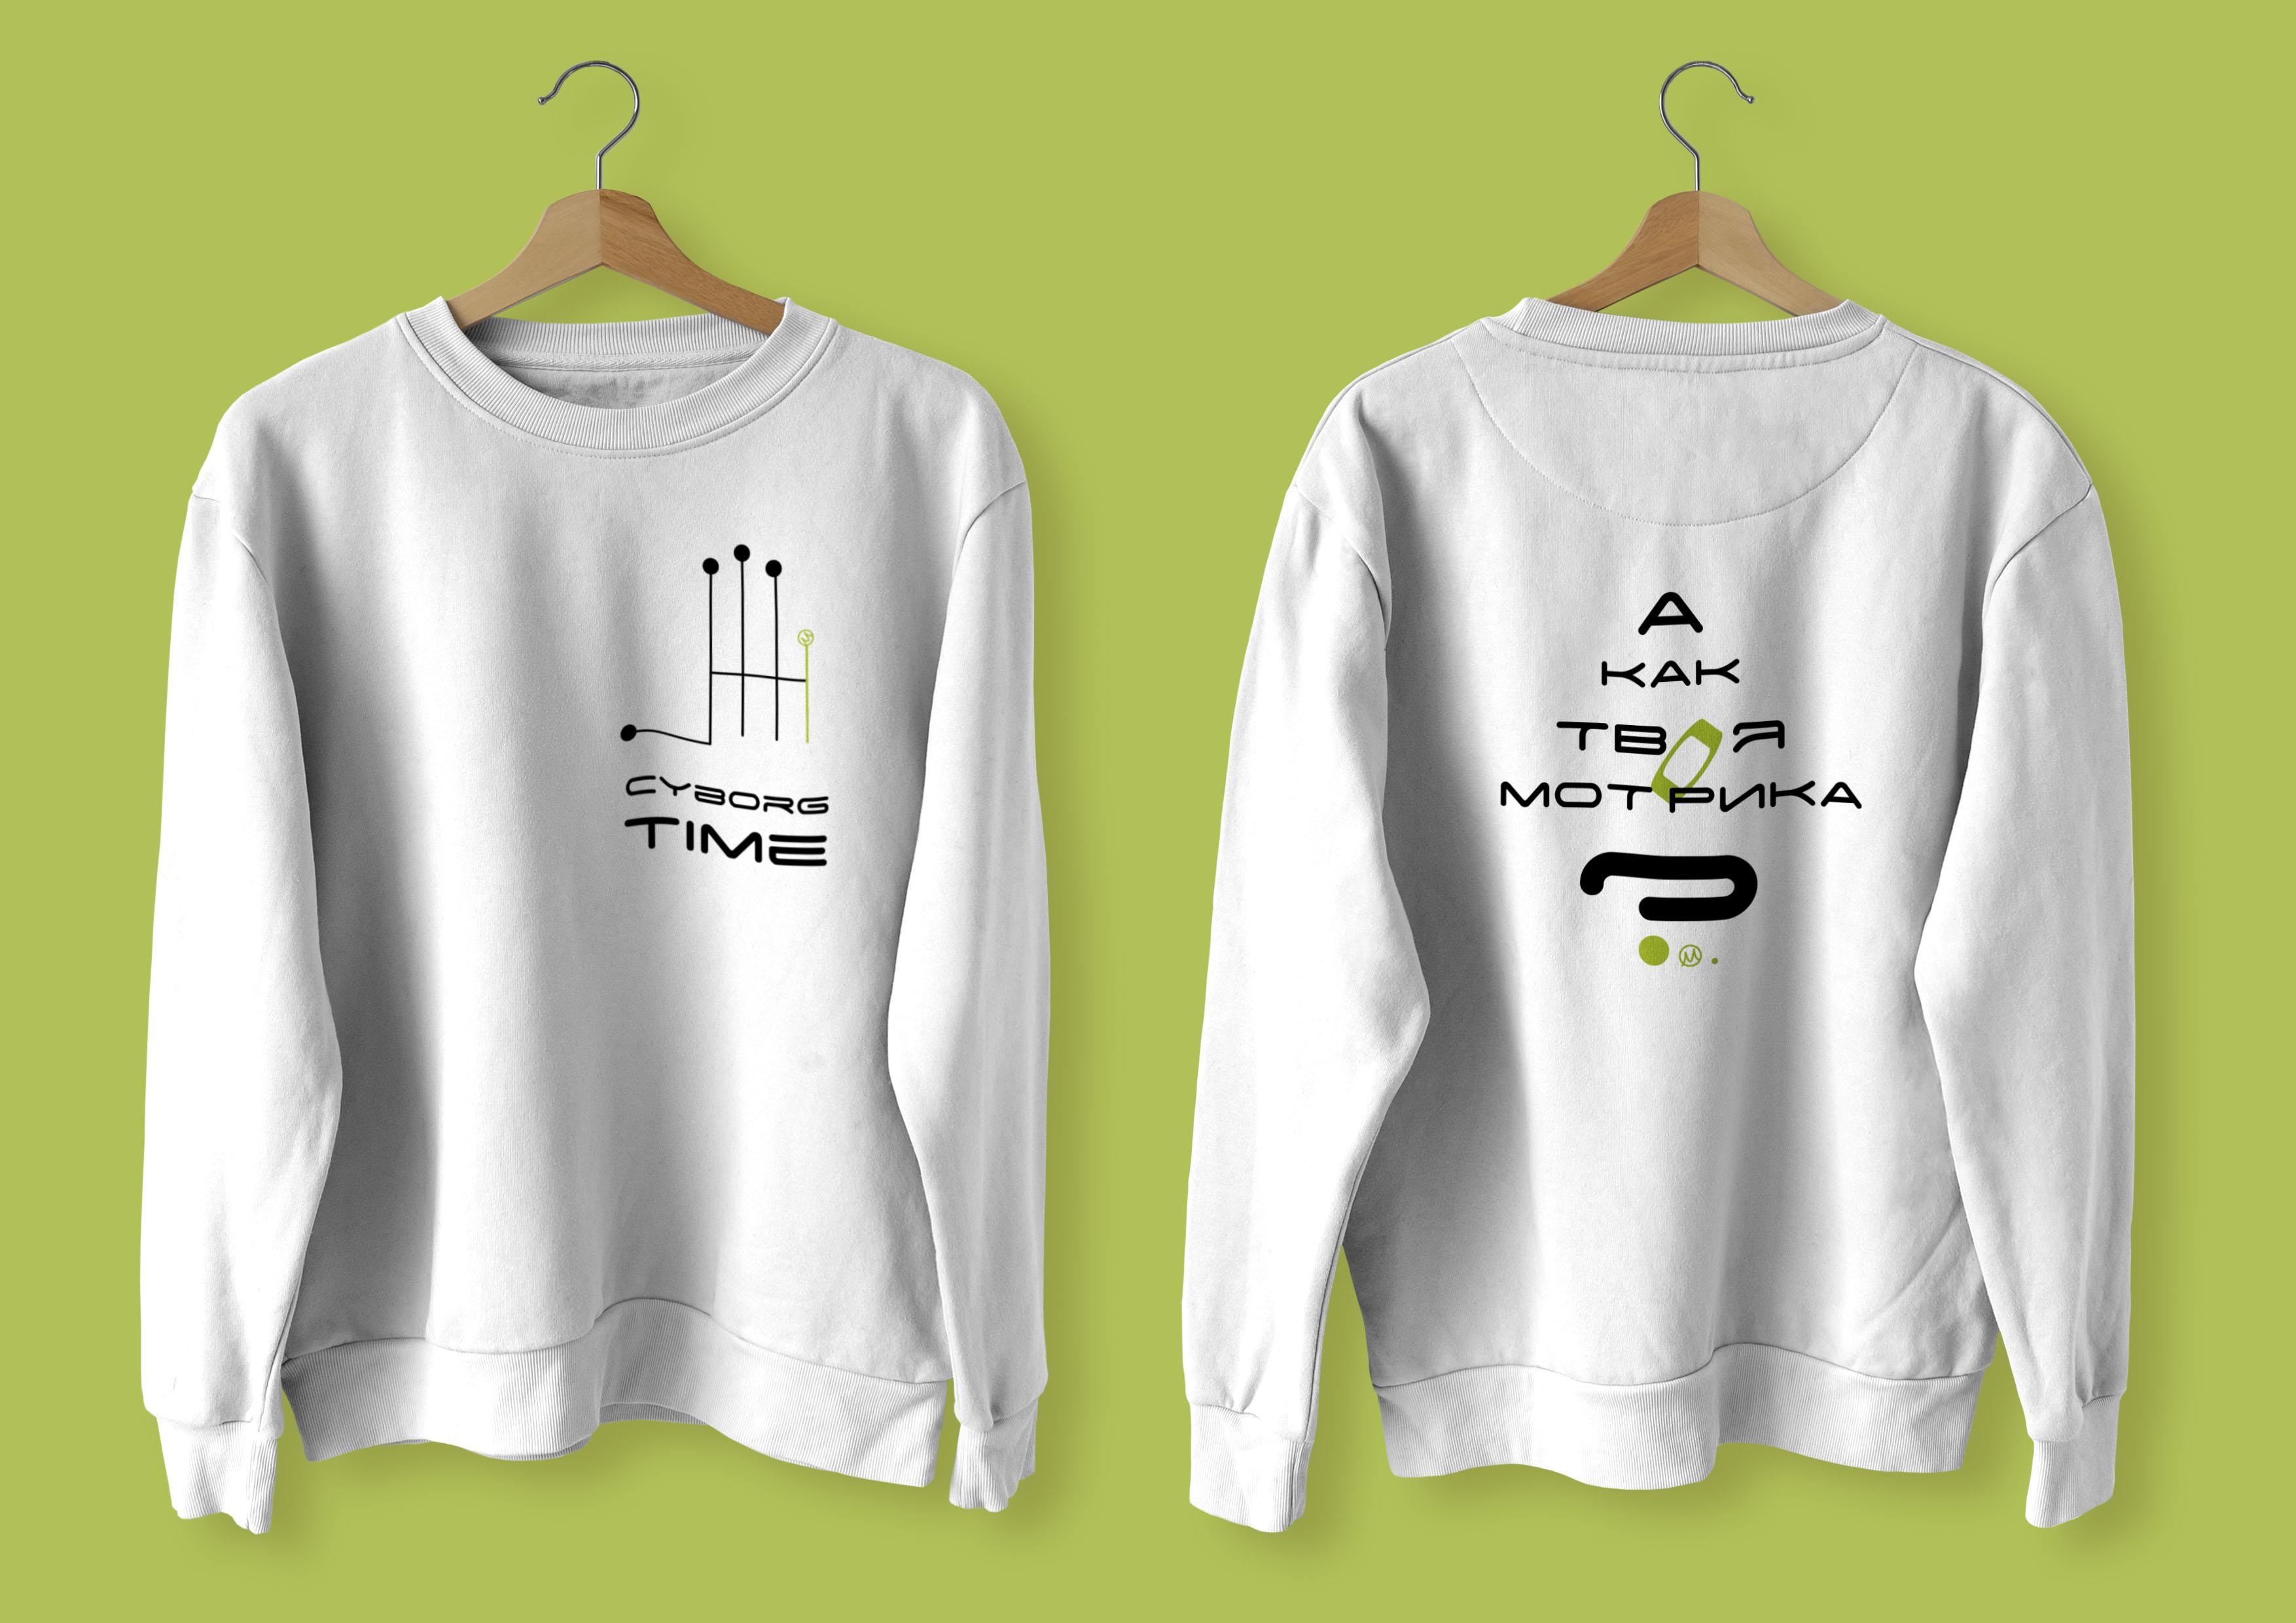 Нарисовать принты на футболки для компании Моторика фото f_640609d44e467a6e.jpg